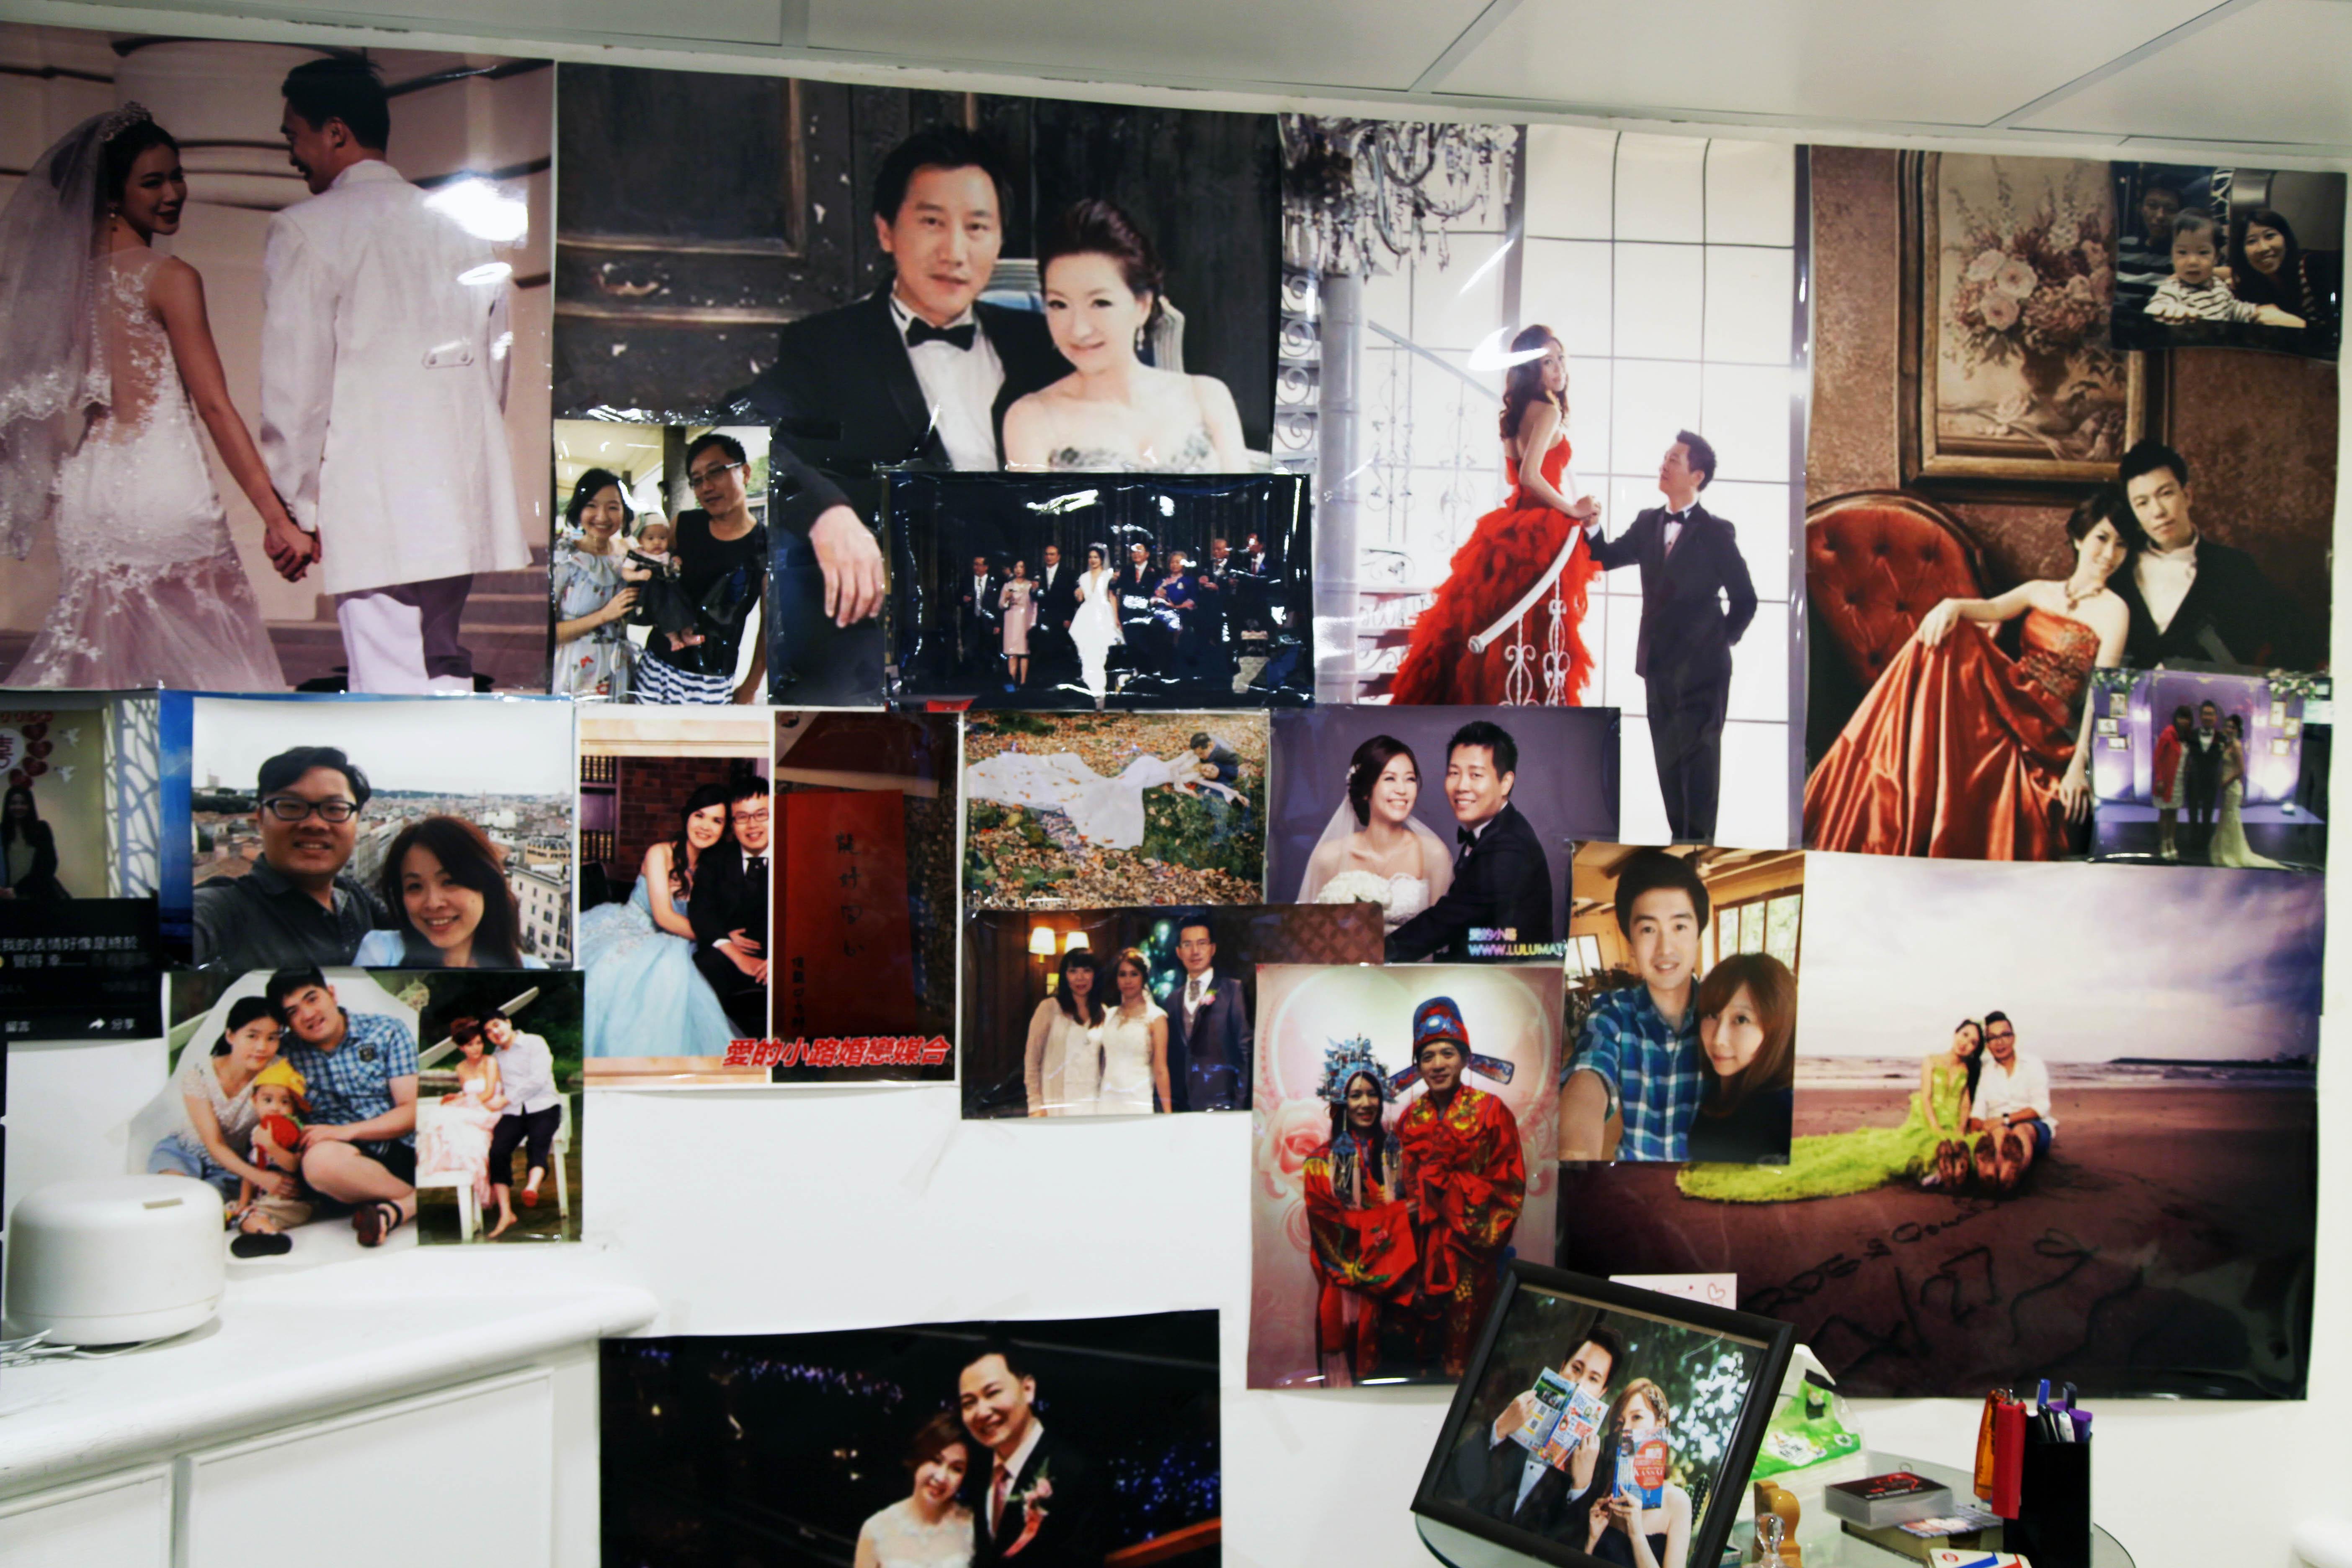 婚友社相片牆